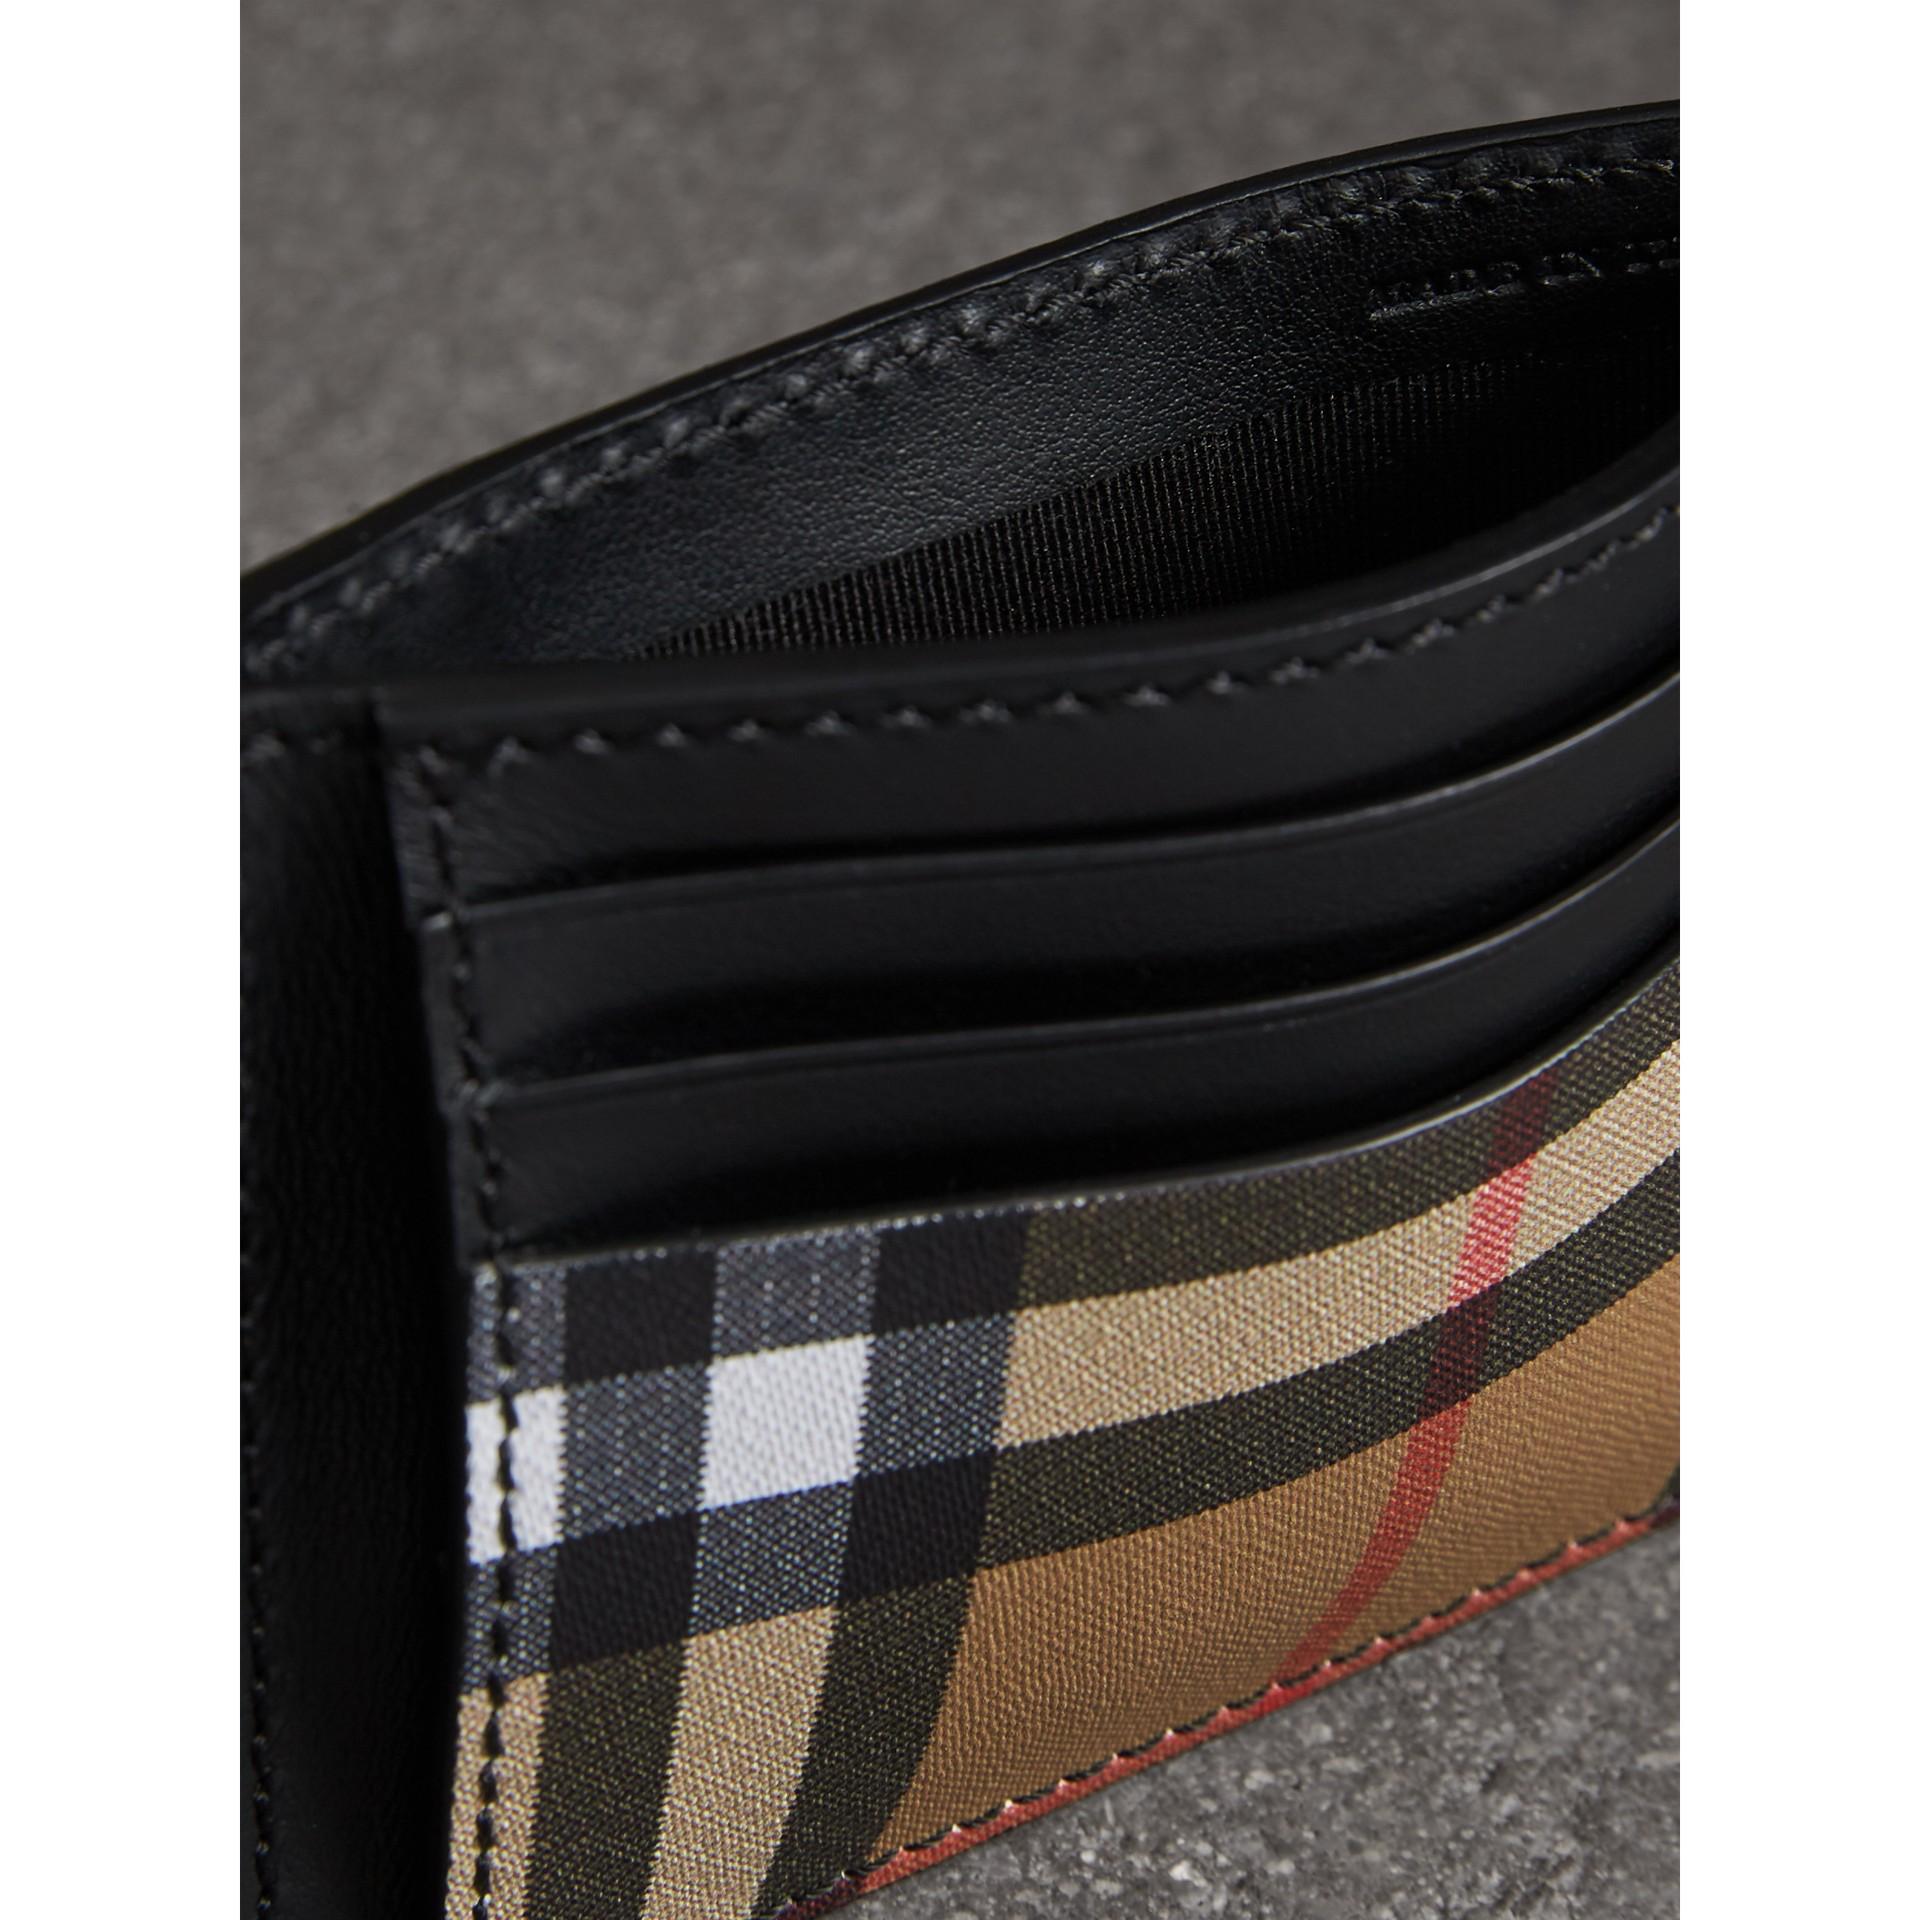 ヴィンテージチェック&レザー マネークリップ カードケース (ブラック) - メンズ | バーバリー - ギャラリーイメージ 3